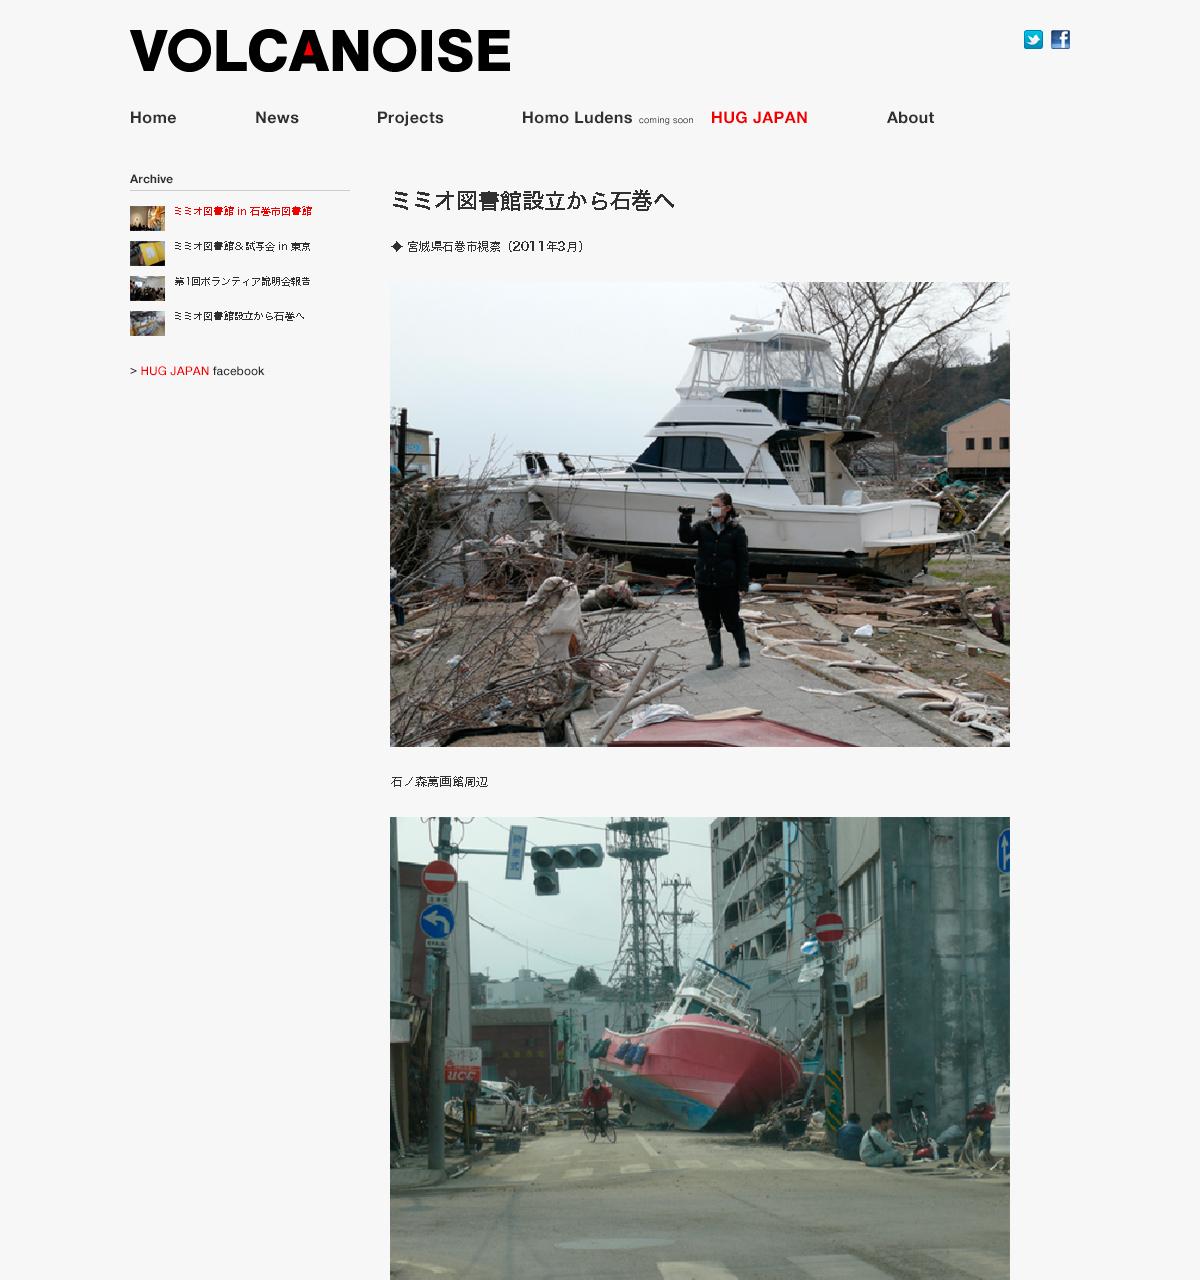 005_volcanoise_1200px